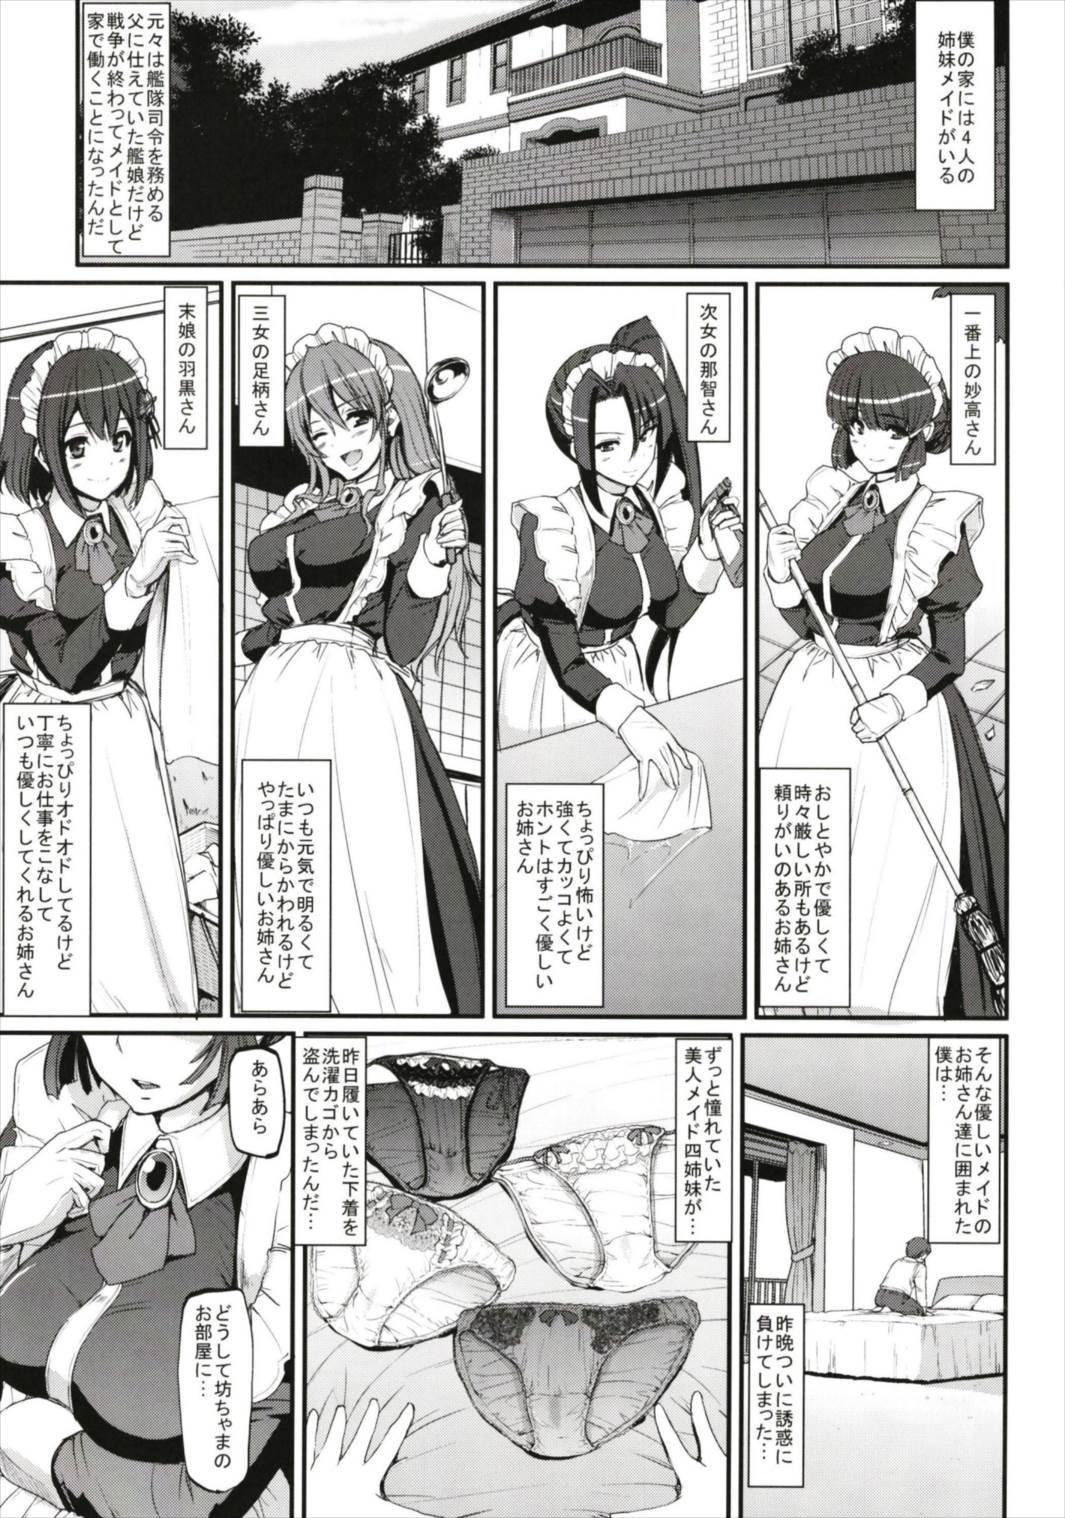 【艦これ エロ漫画・エロ同人】元艦娘の妙高4姉妹の下着を盗んだショタが初めてのセックスを仕込まれてえっちなお仕置きwwwww (2)